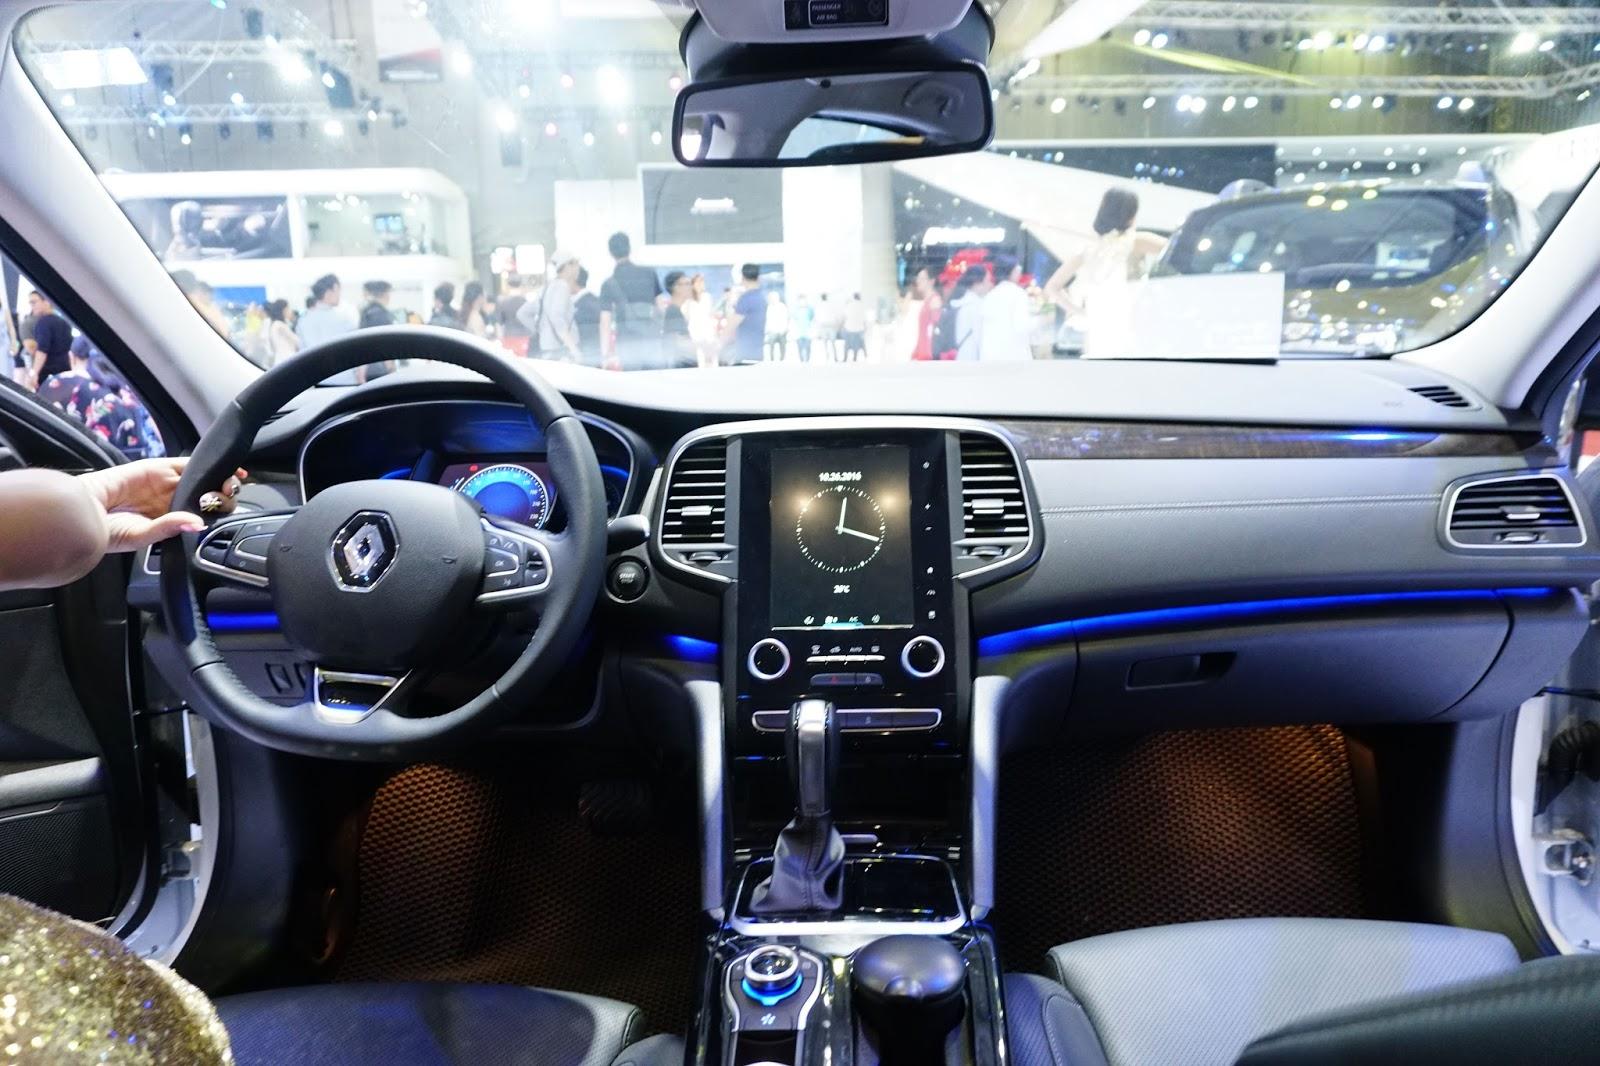 Rất nhiều tính năng tuyệt vời, thông minh được trang bị trên Renault Talisman 2017